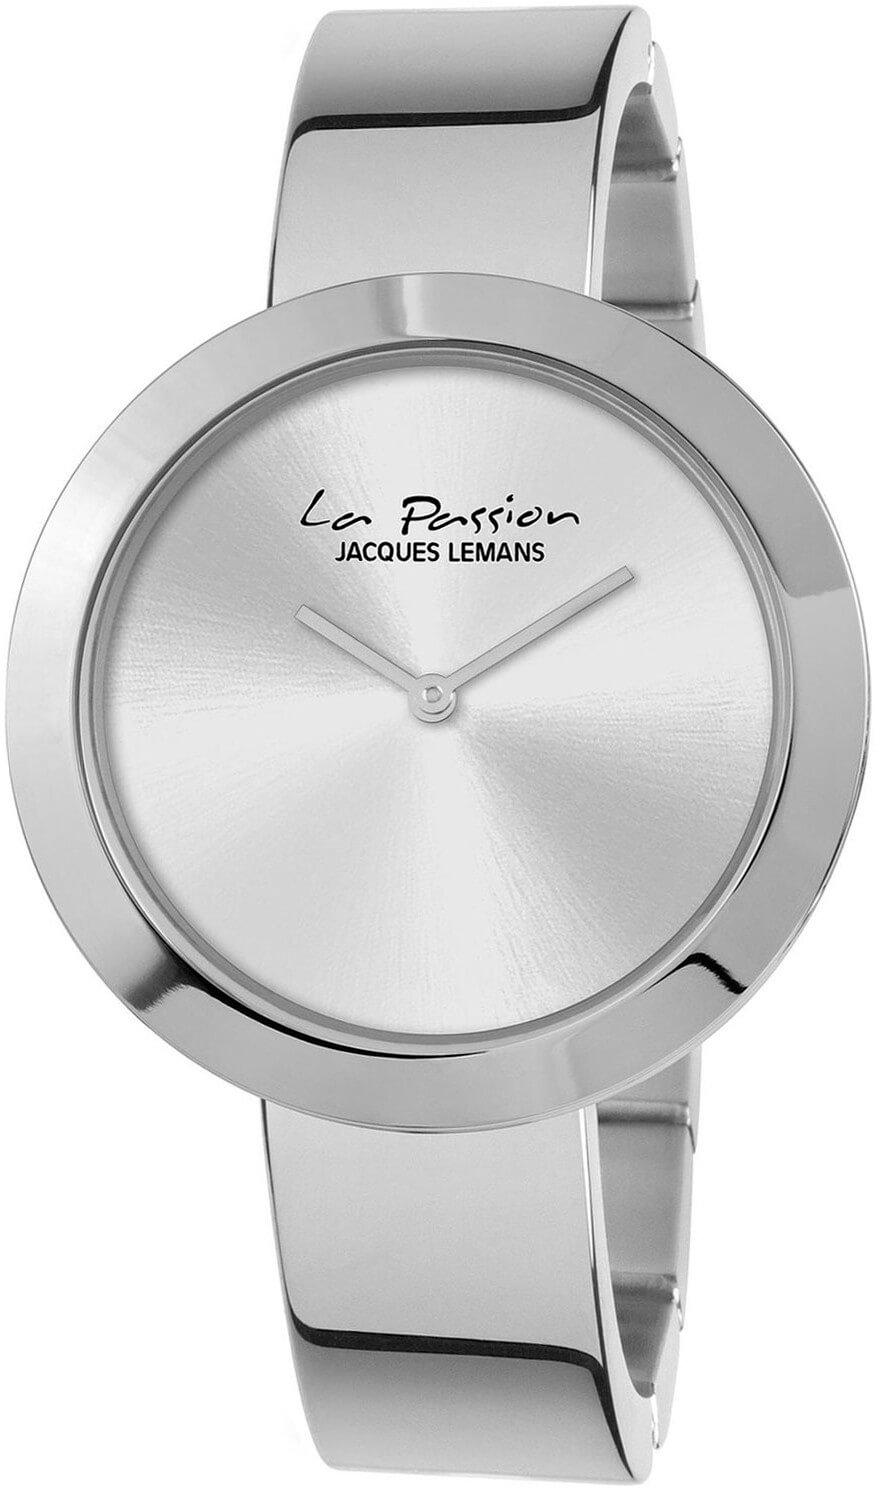 Jacques Lemans La Passion LP-113E Doprava a roční pojištění hodinek ... 4dc85ba69e